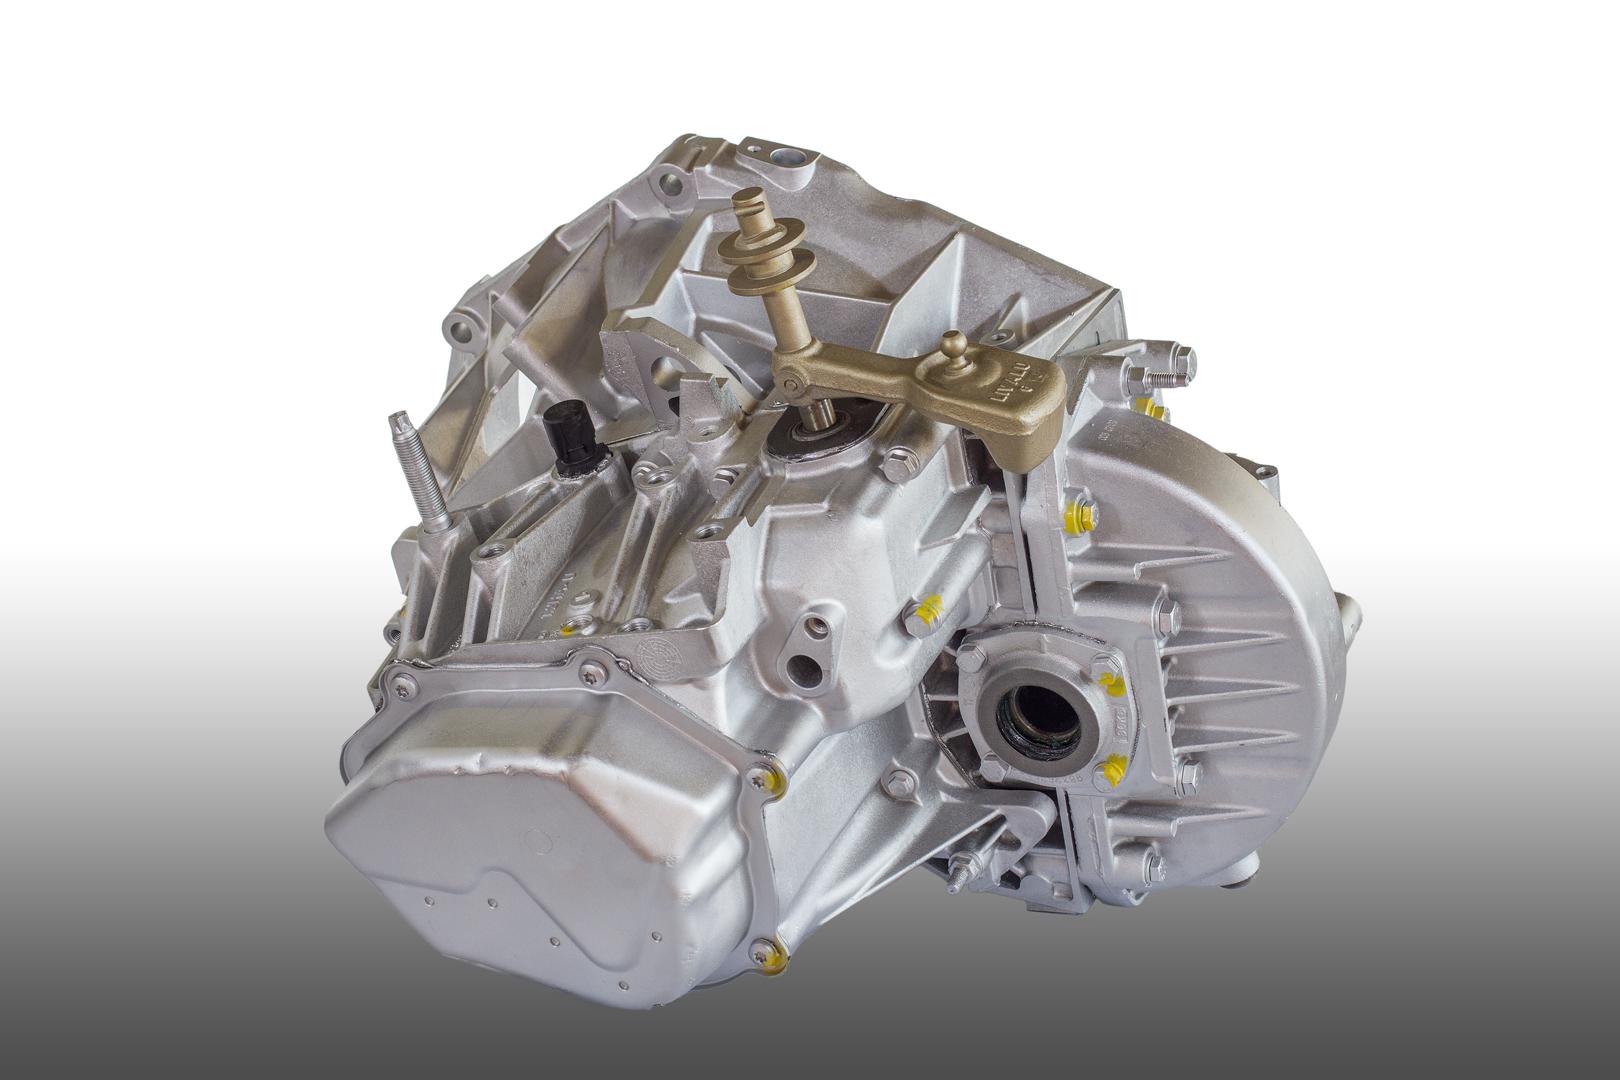 Getriebe Fiat Ducato  Ab 04 02  2 8 Jtd  Ab 04 02